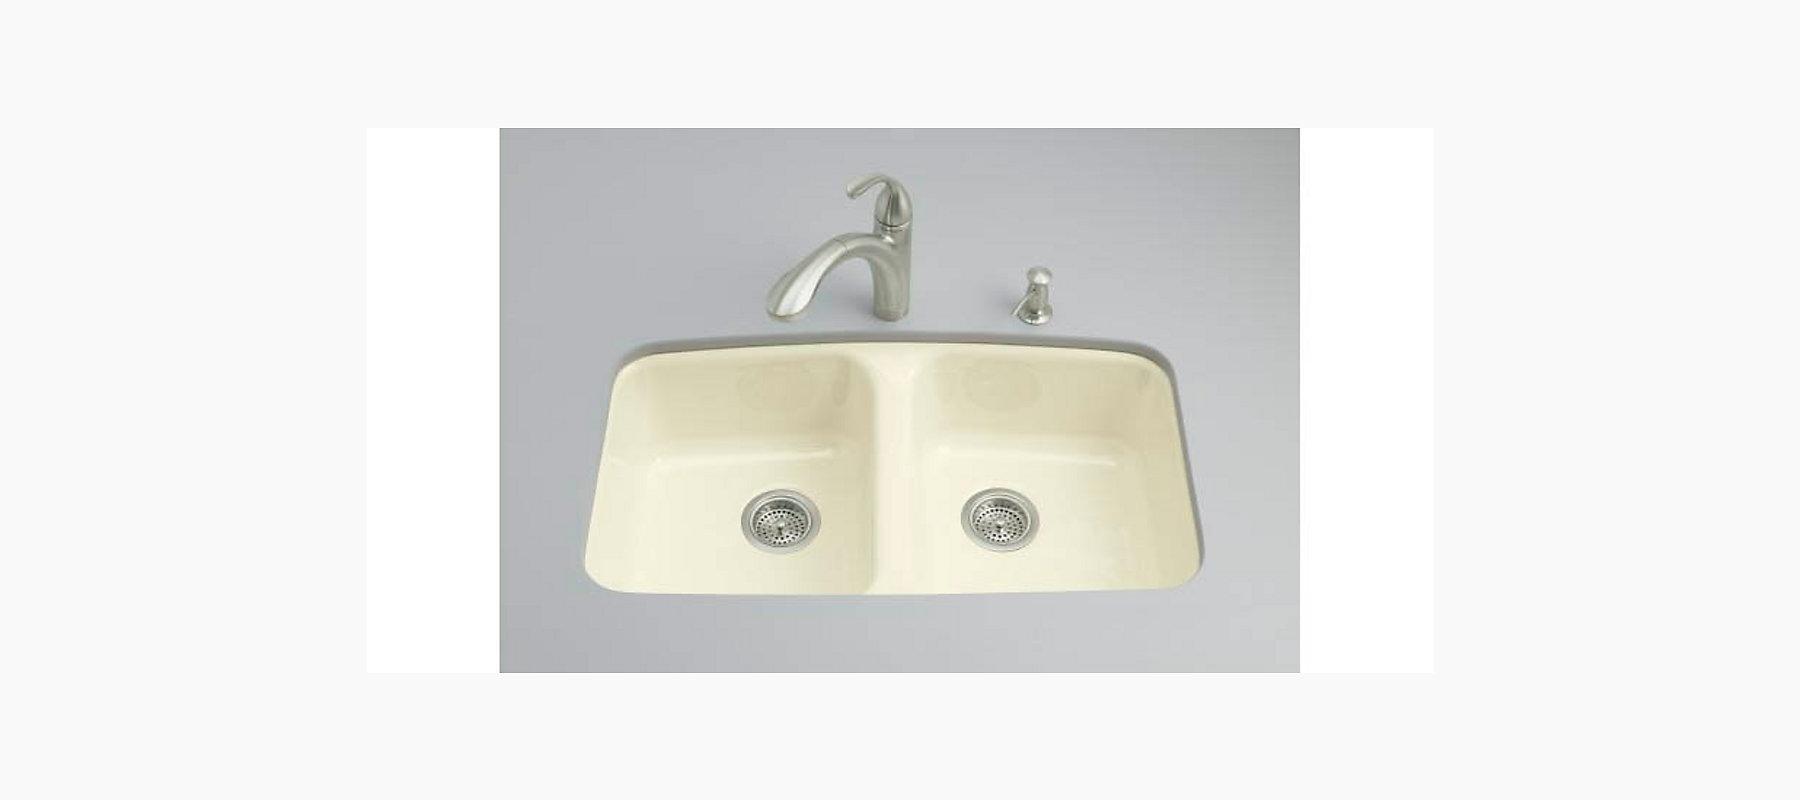 Kohler brookfield kitchen sink - Discontinued